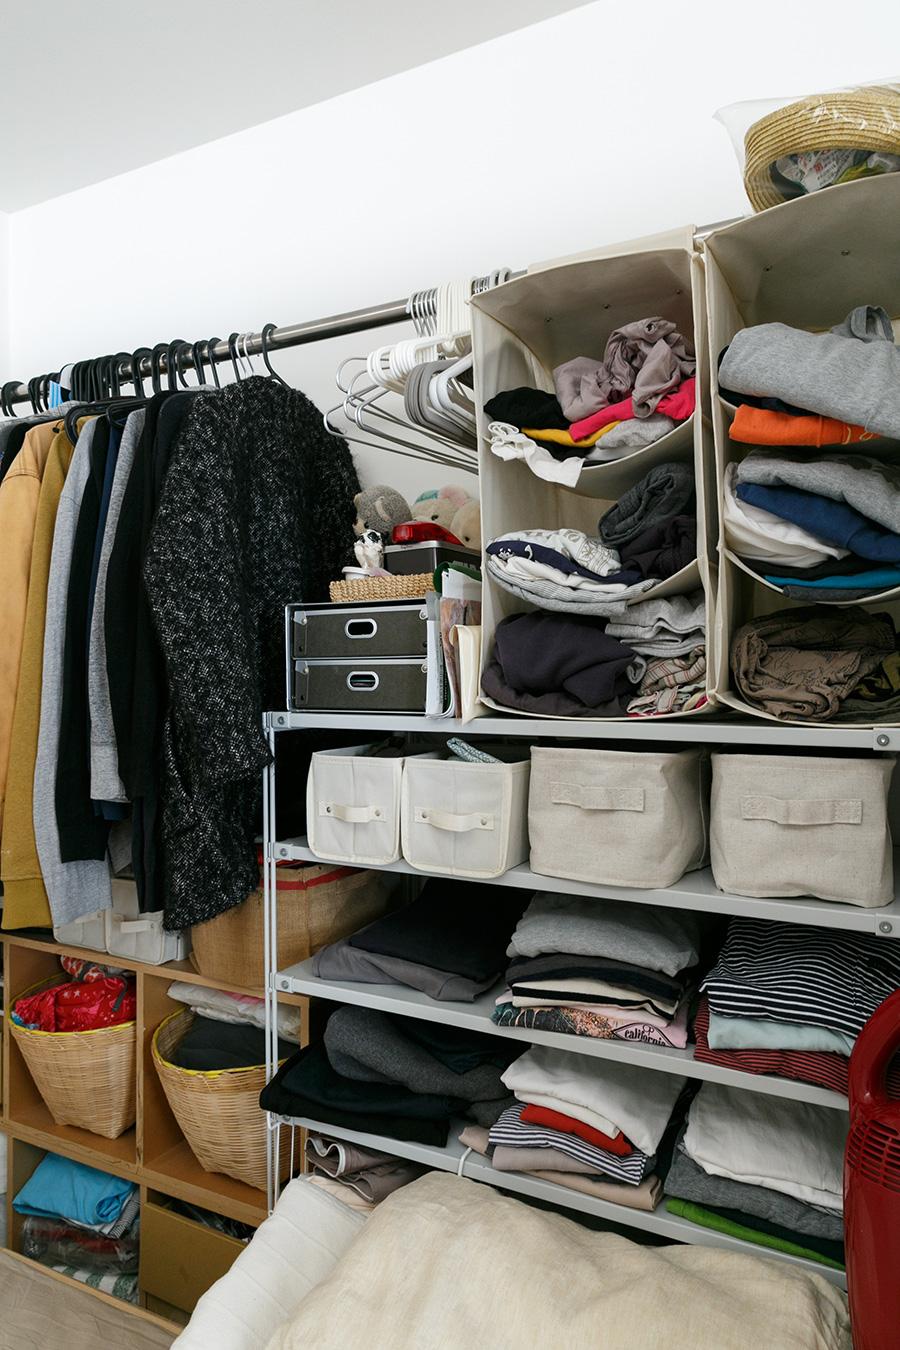 寝室の壁面はオープンな収納として利用。扉をつけずに空間を最大限にいかしている。